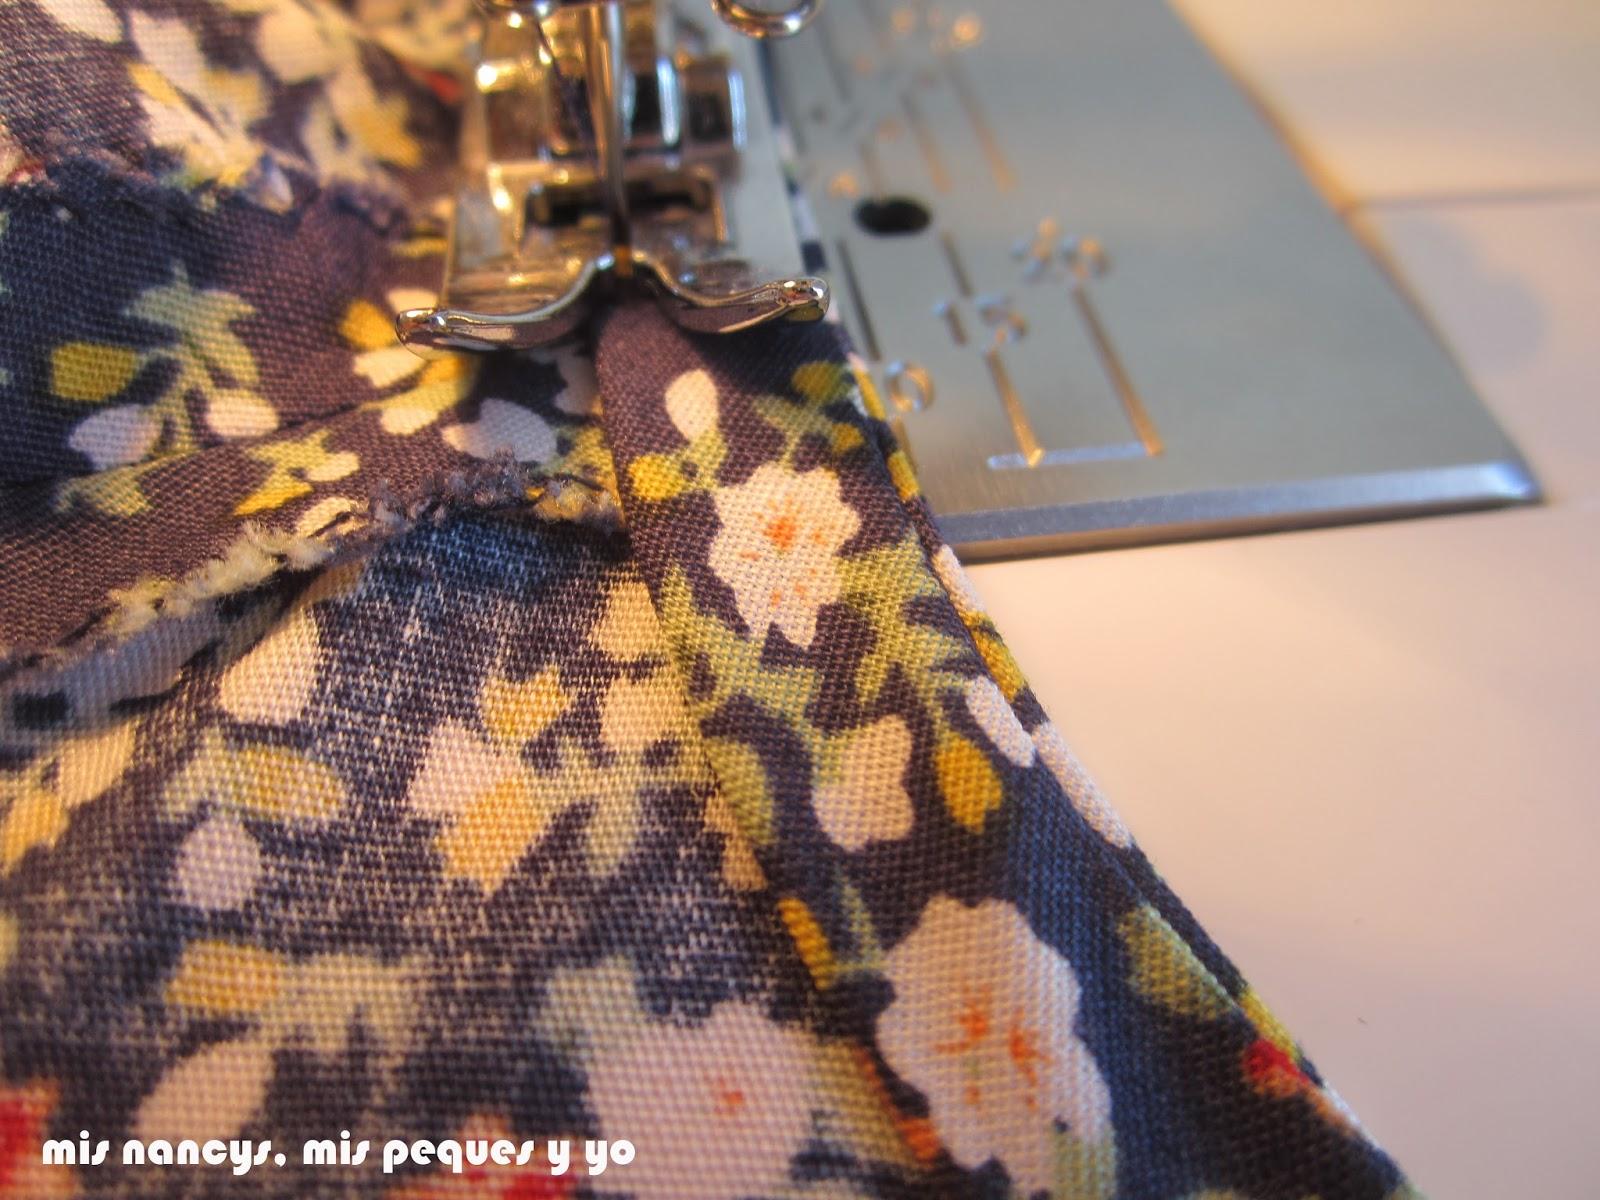 mis nancys, mis peques y yo, tutorial blusa sin mangas niña (patrón gratis), coser bies cuello al filo